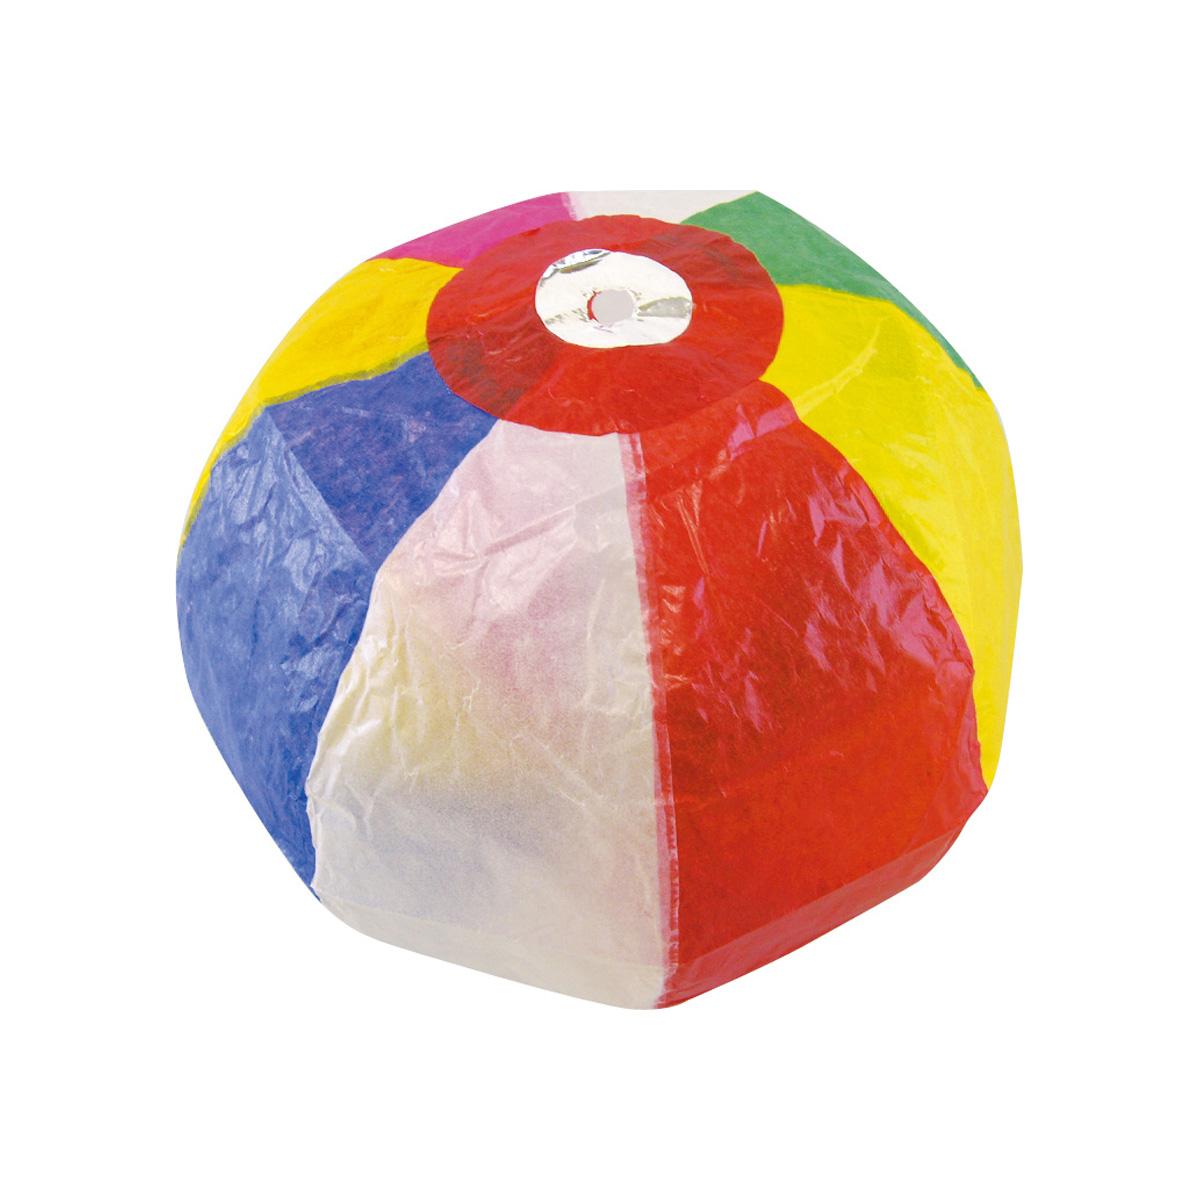 紙風船 16cm かみふうせん 昔あそび 知育玩具 教育 幼児 おもちゃ